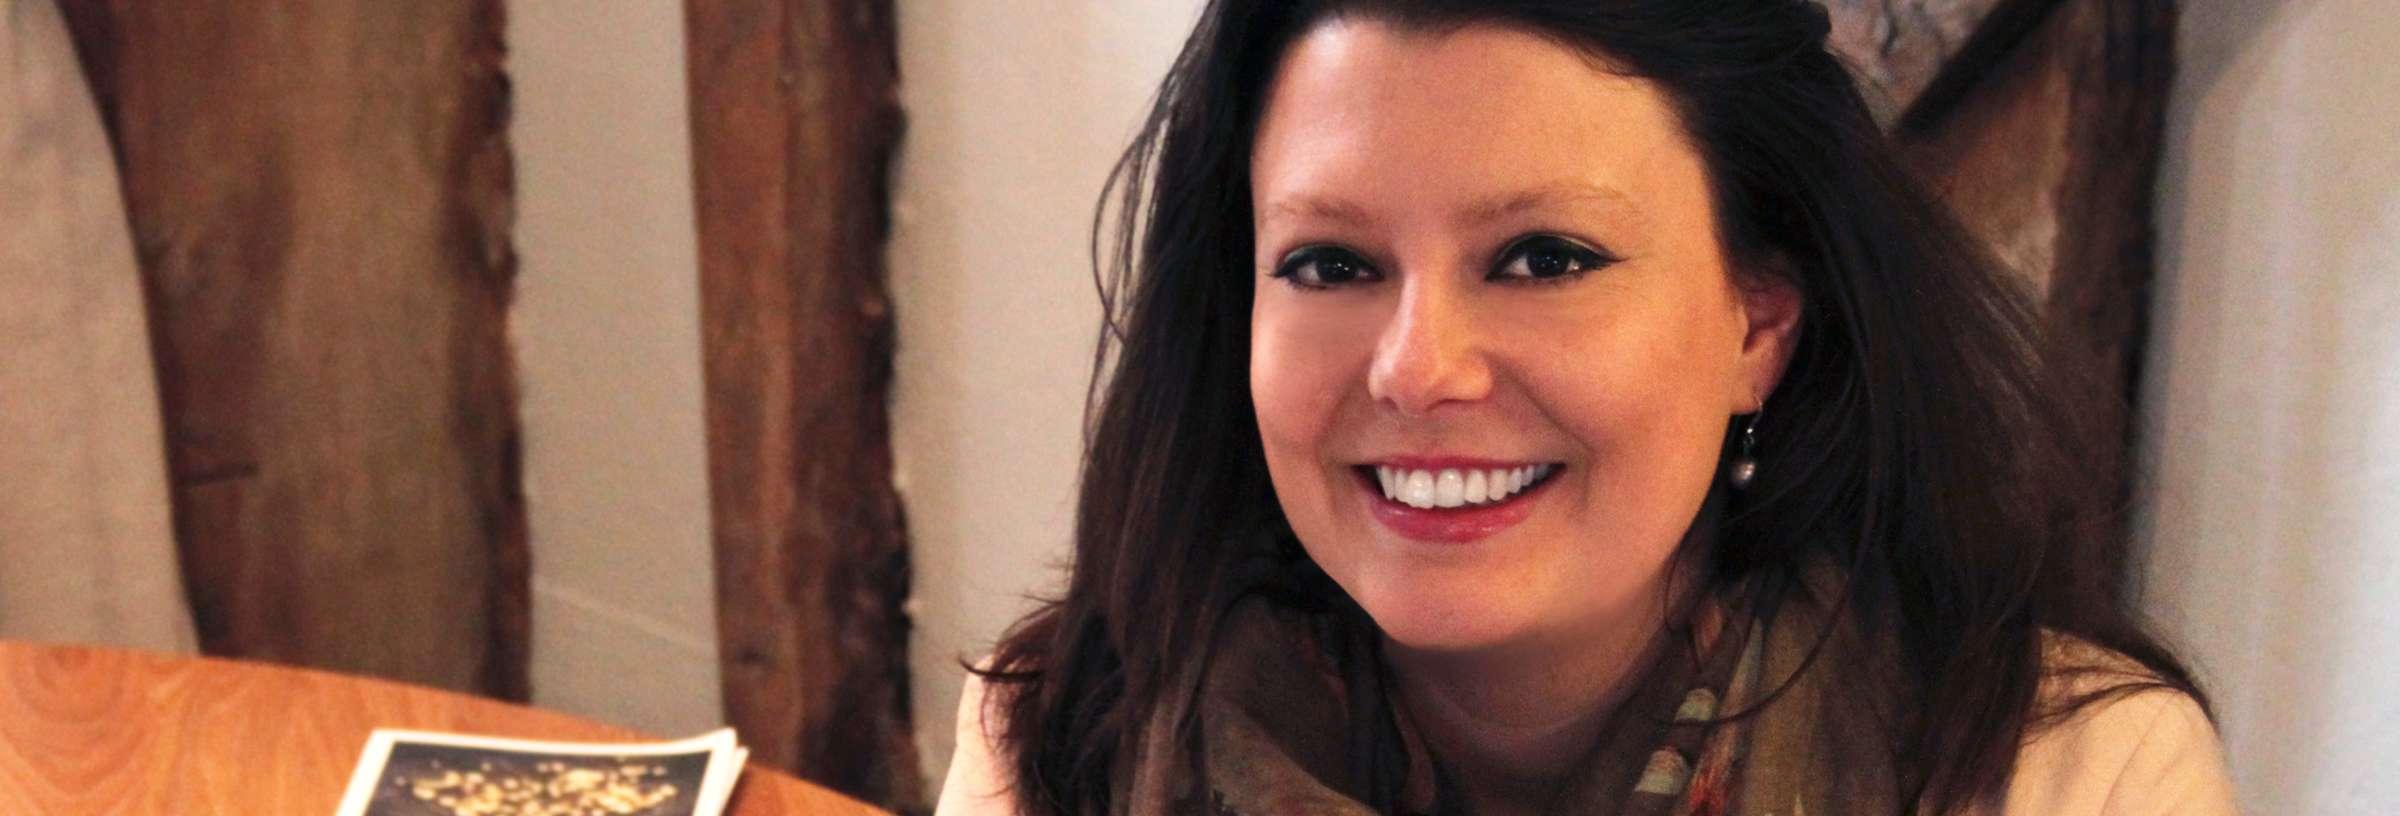 Rebecca Howarth